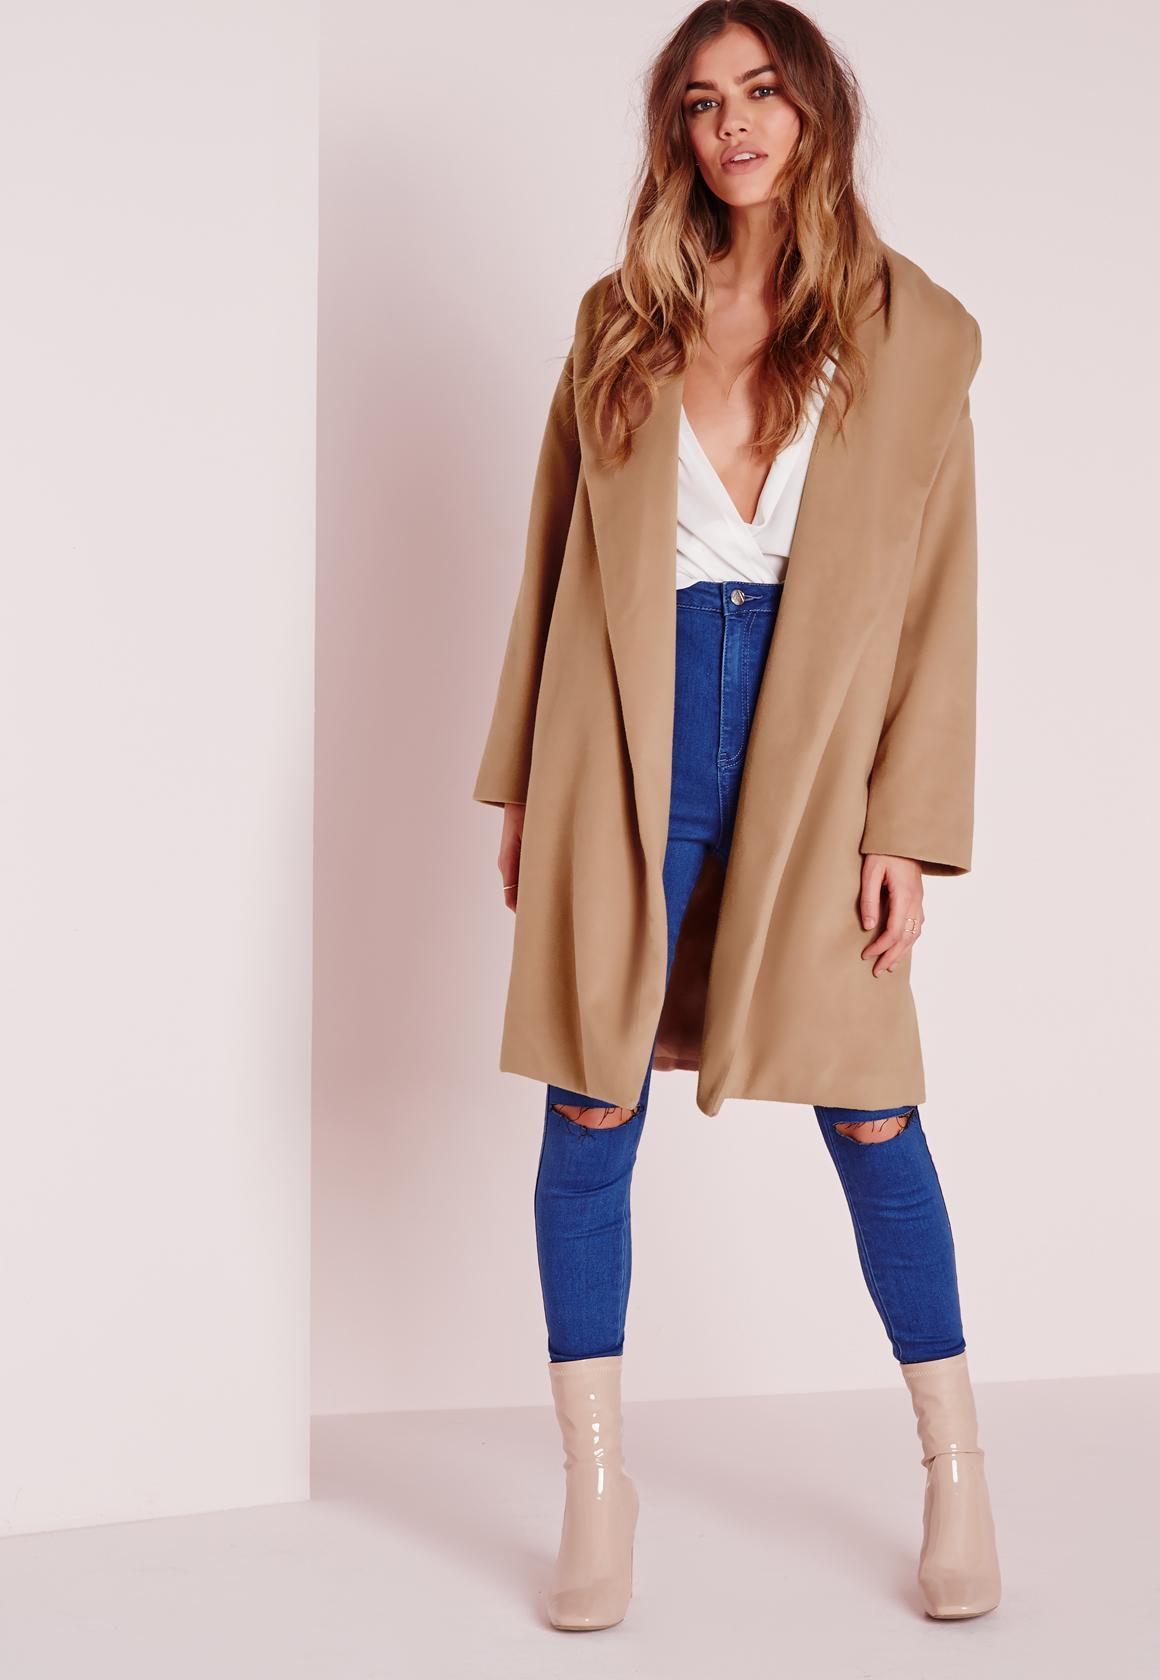 long wool boyfriend coat camel missguided #1: long wool boyfriend coat camel product page zoom 1x